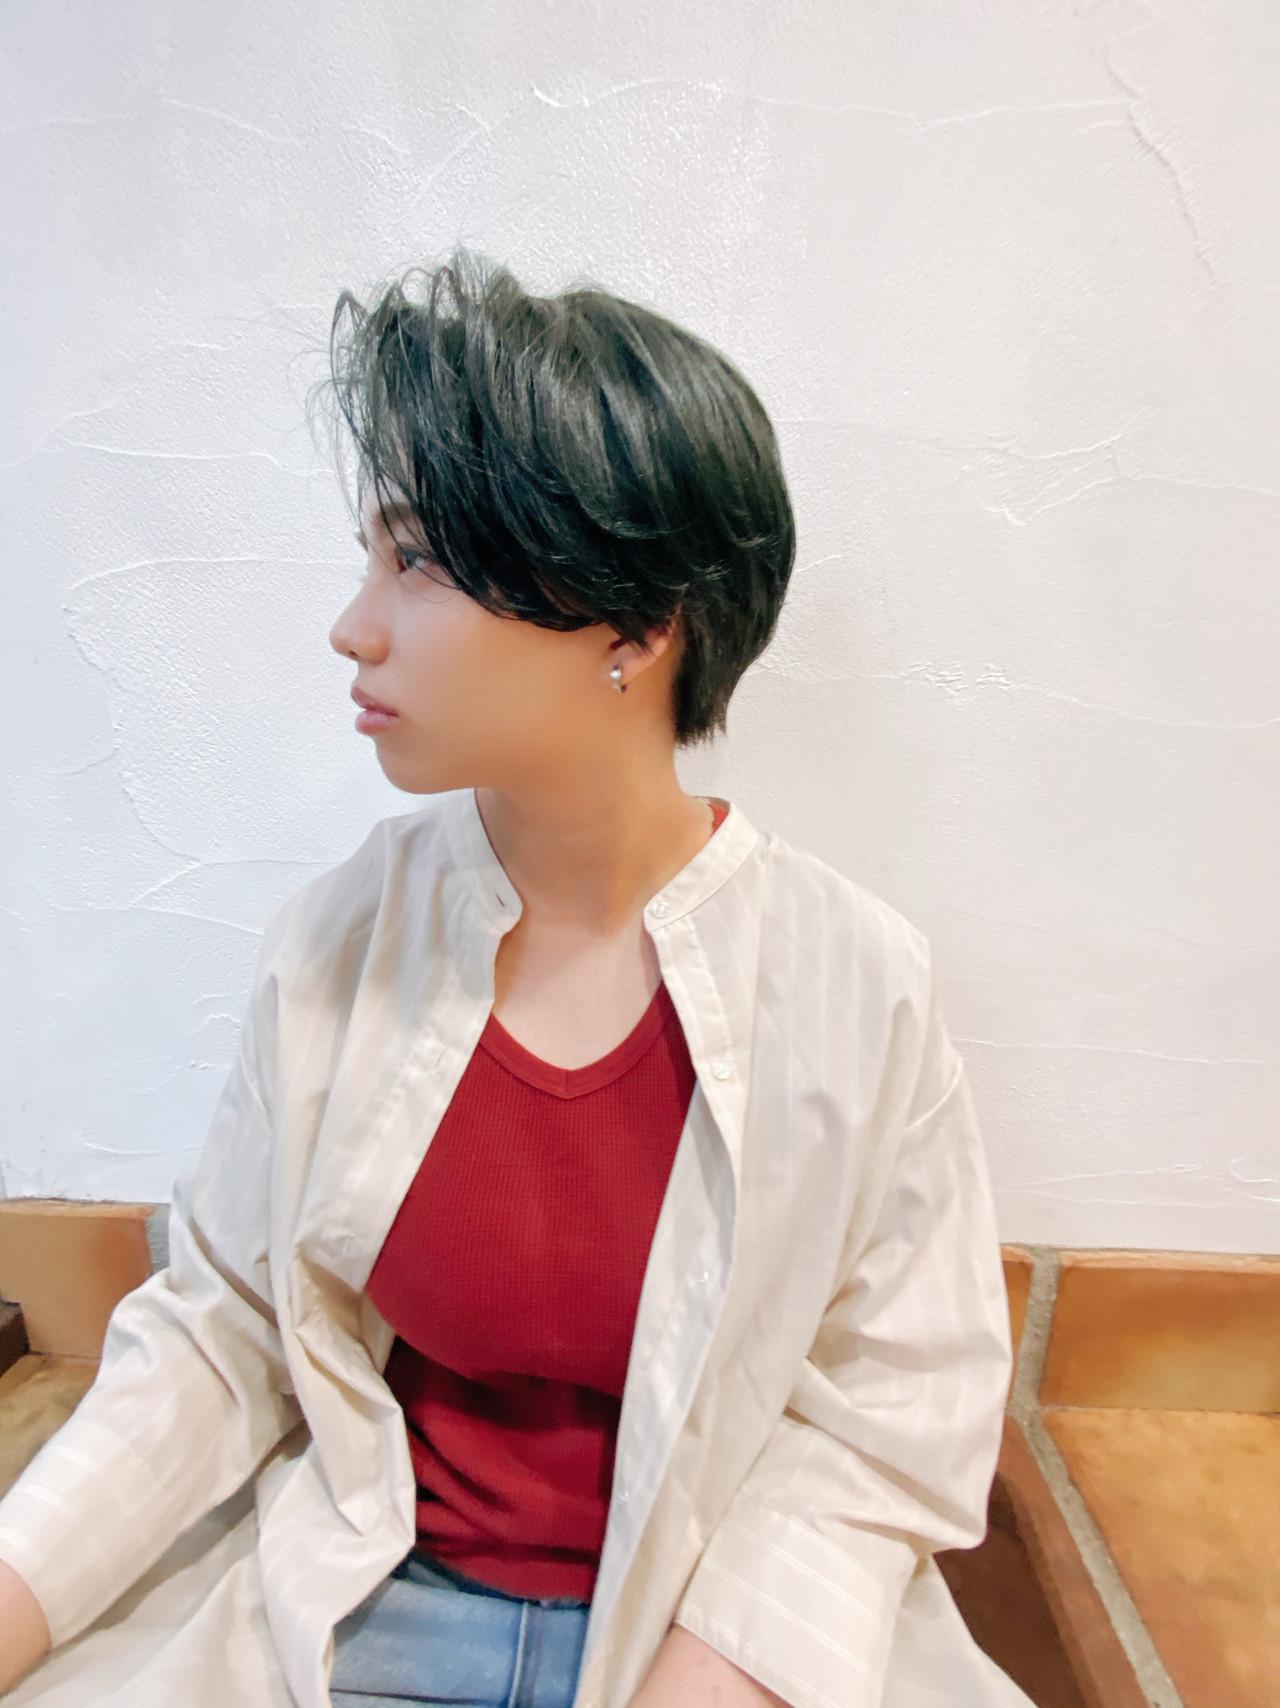 ベリーショート ショートヘア ショートボブ モード ヘアスタイルや髪型の写真・画像